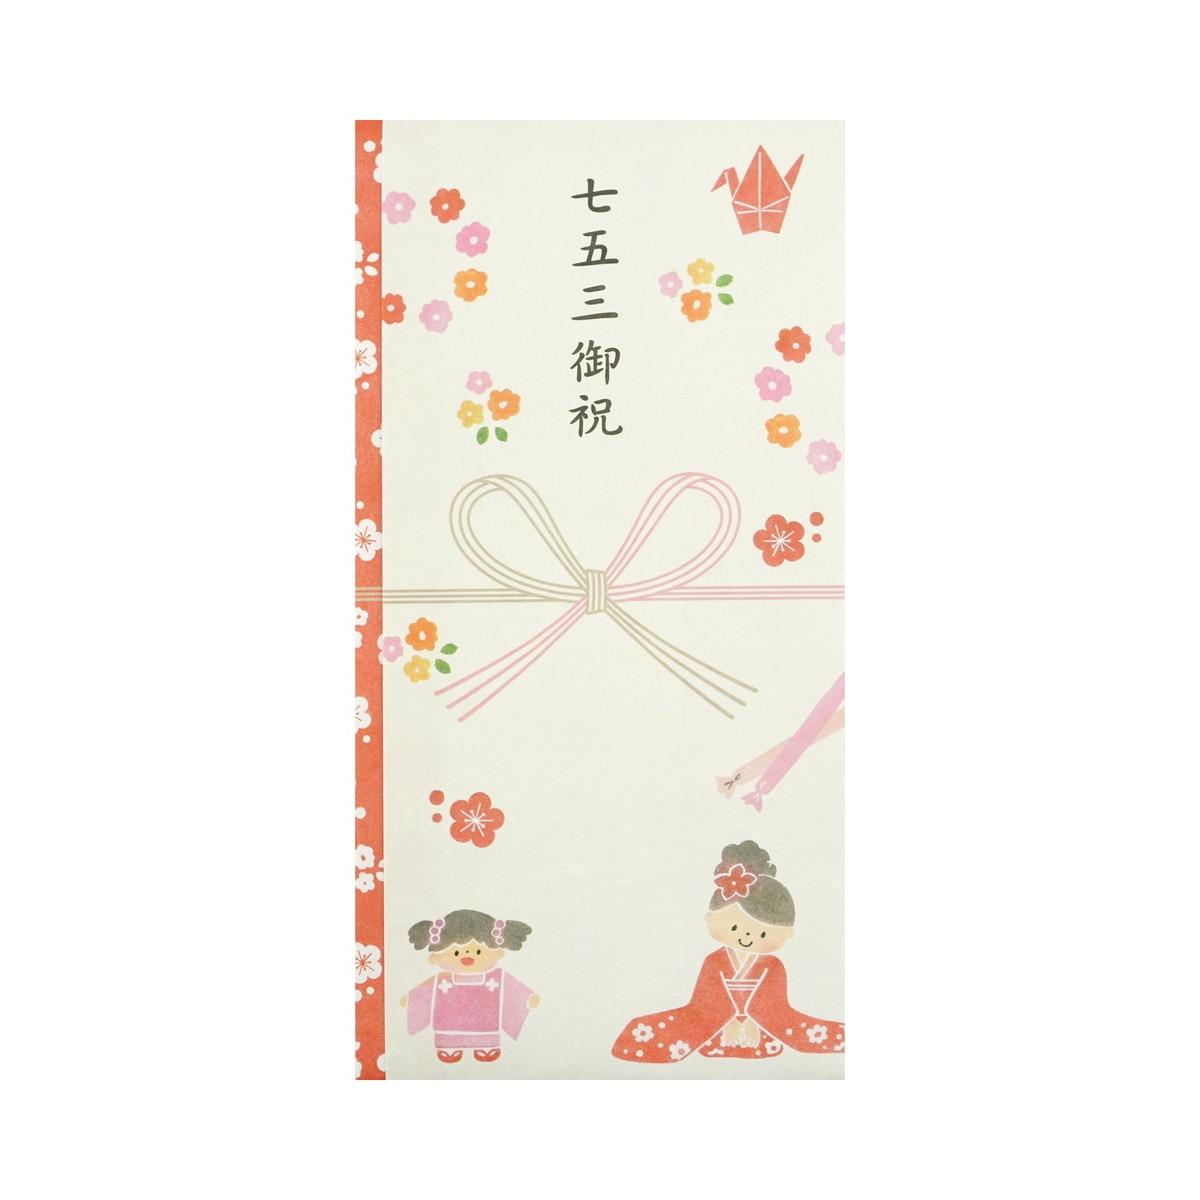 多当袋 七五三御祝 女の子 sg-198